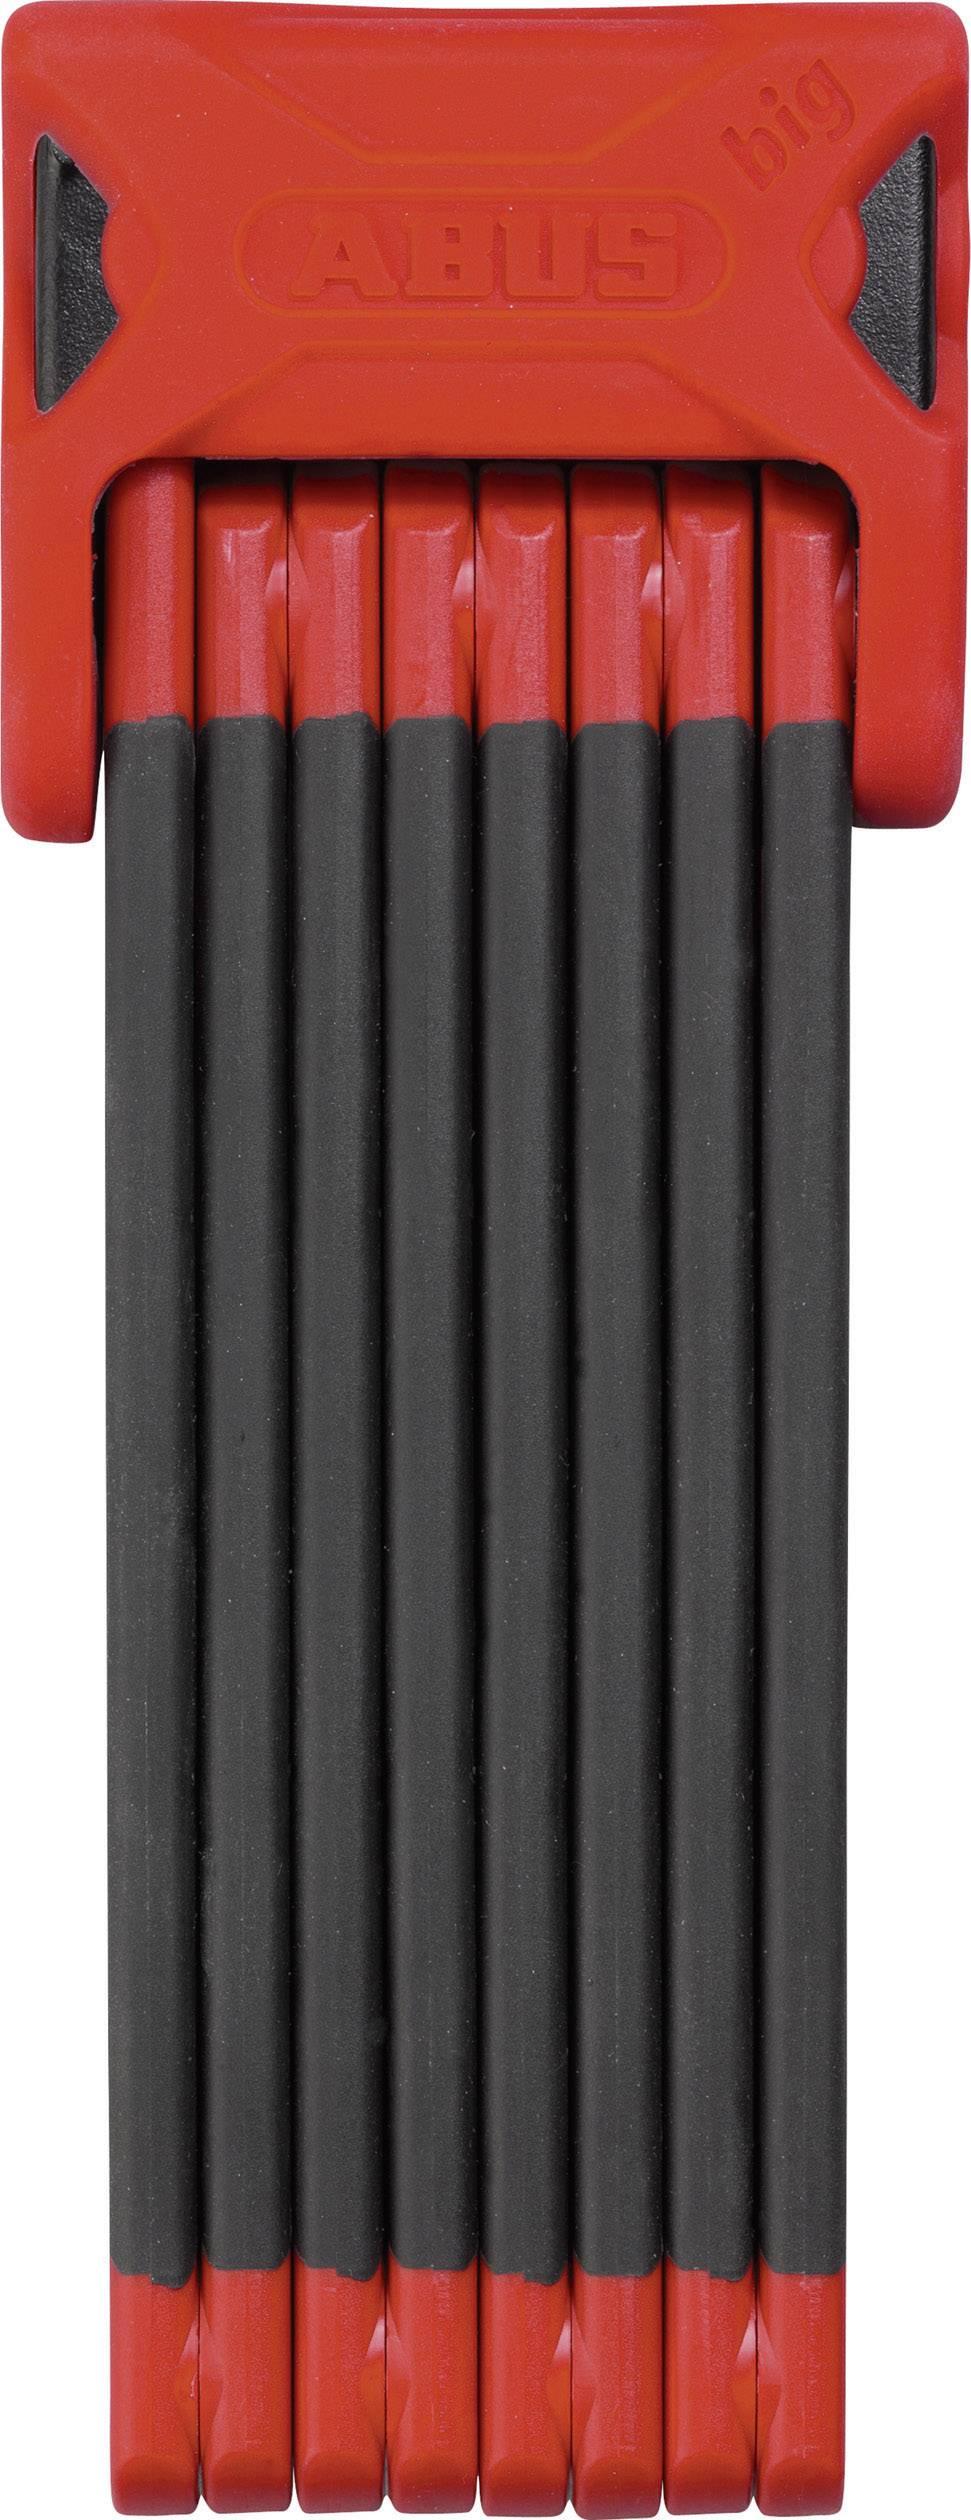 Skladací zámok ABUS 6000/120 red Bordo Big, (Ø x d) 5 mm x 1200 mm, červená